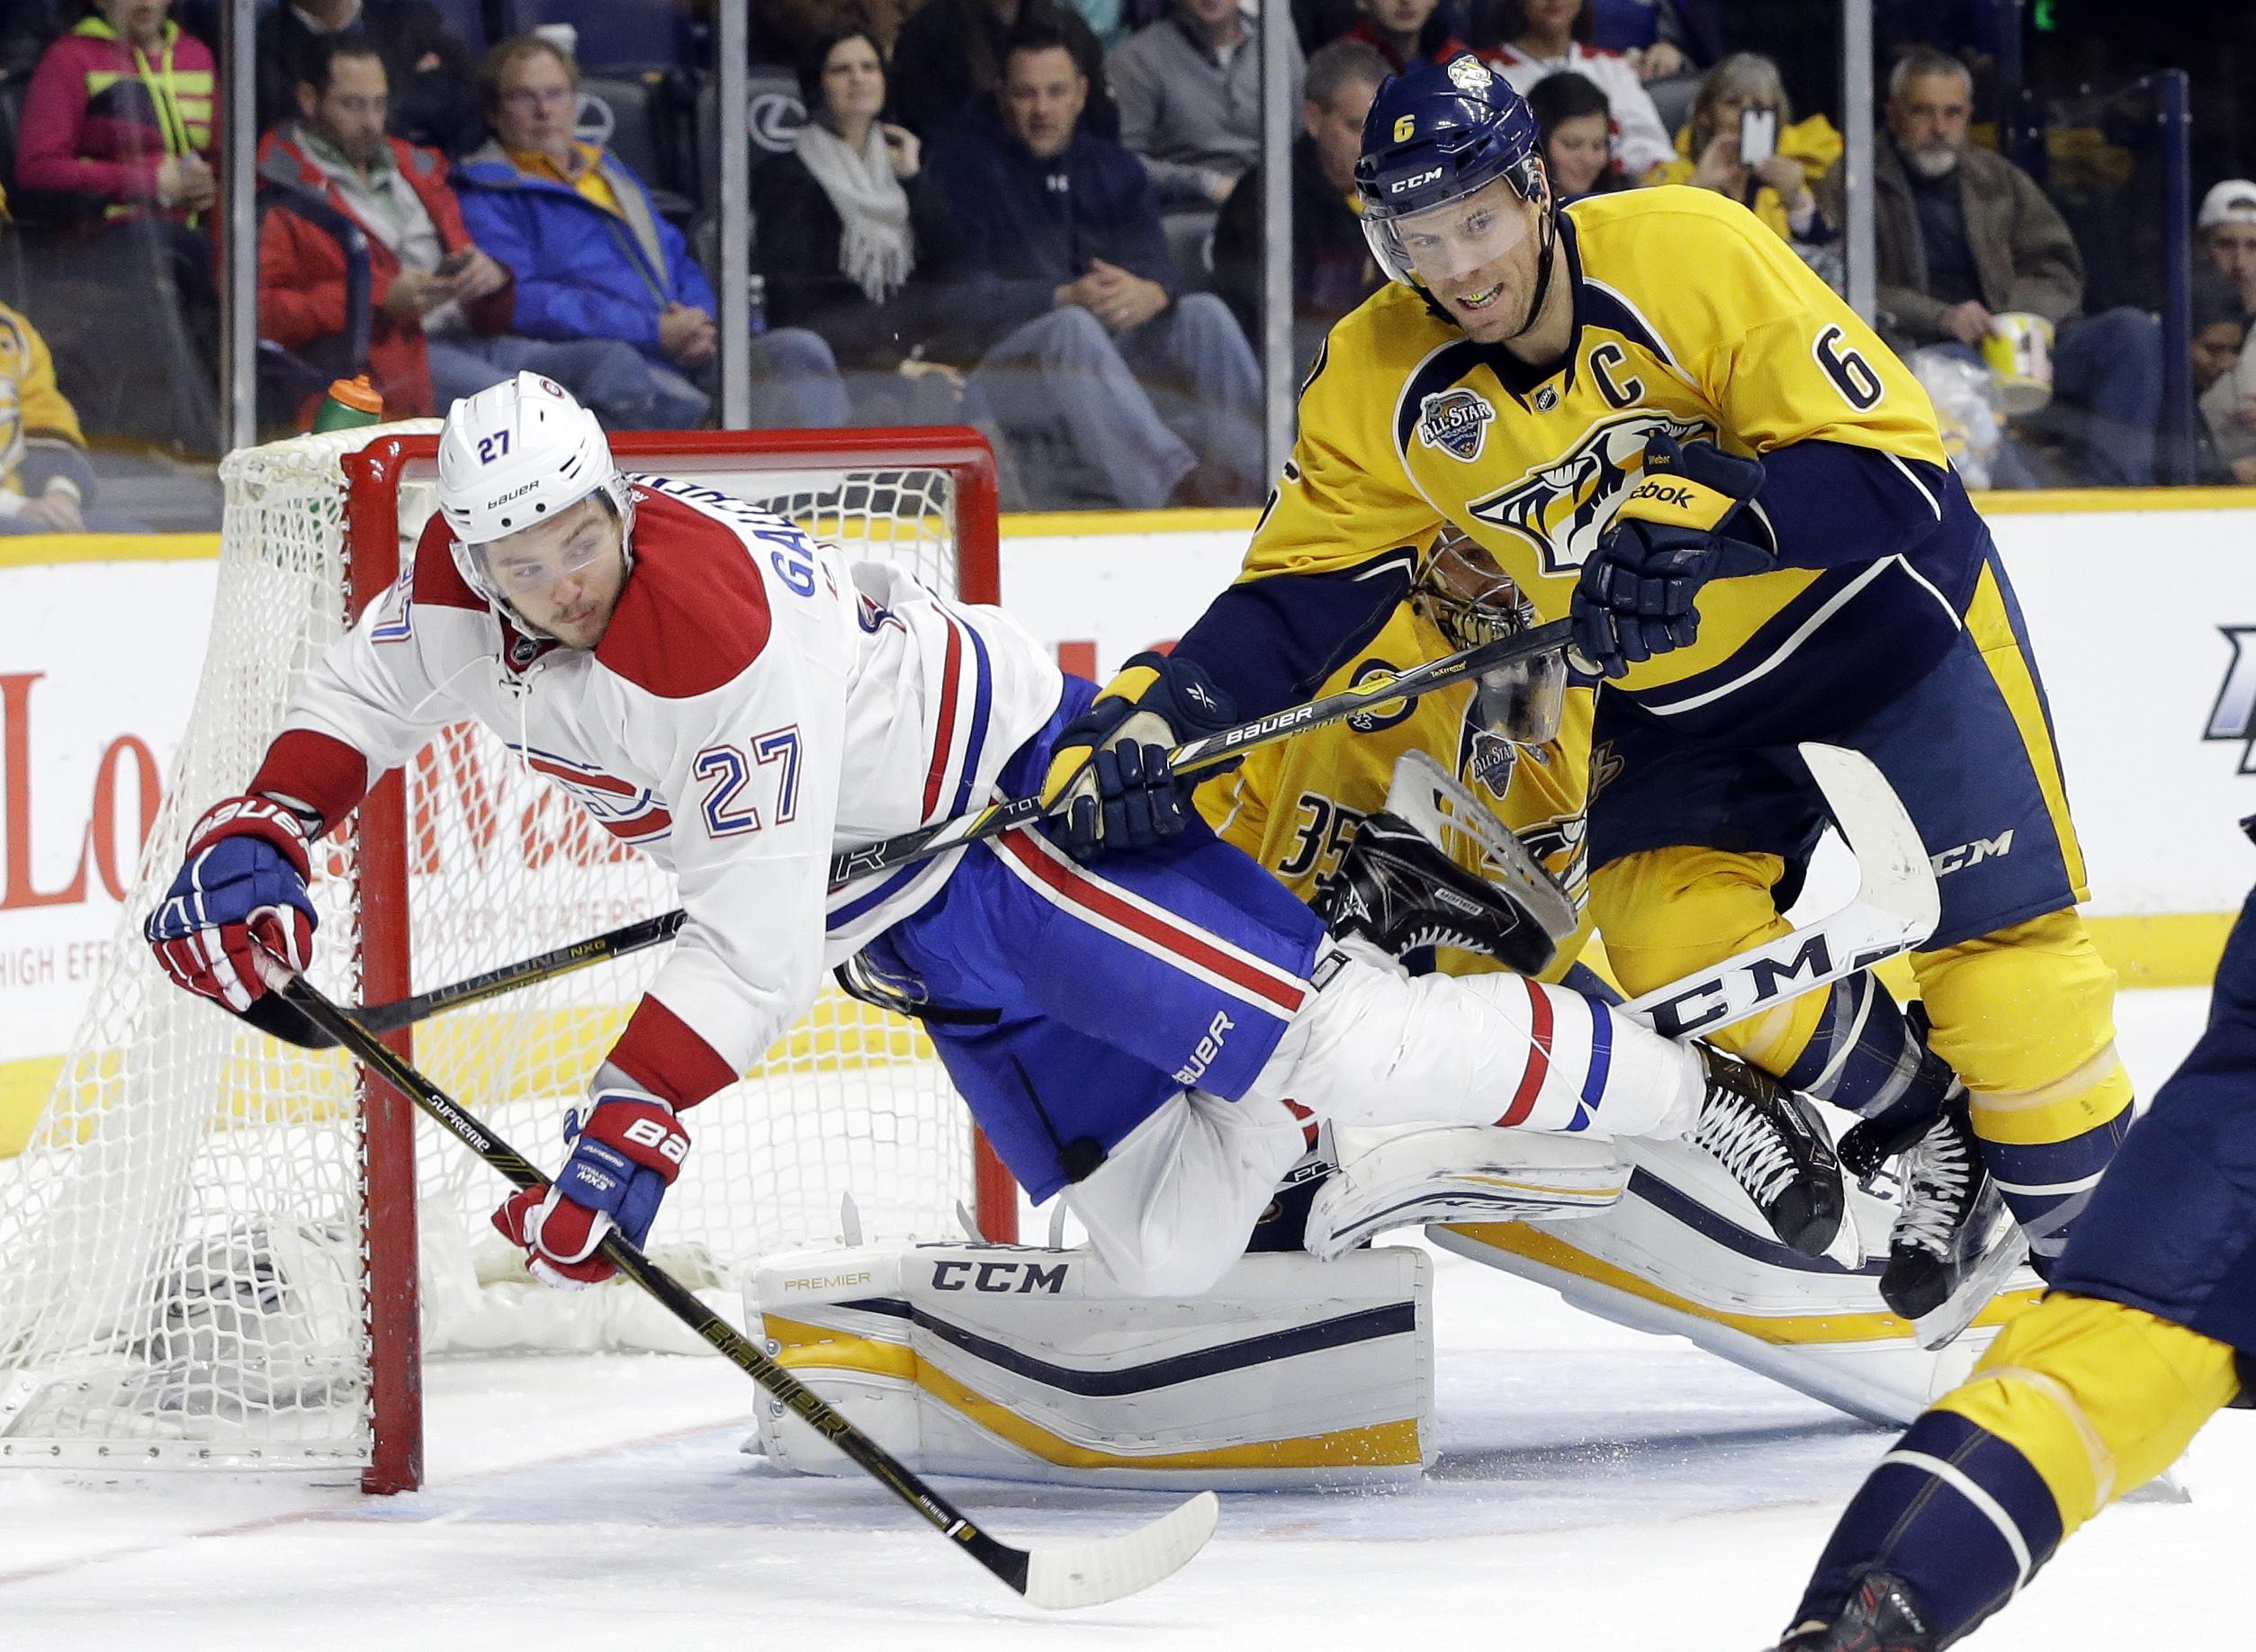 canadiens_predators_hockey-8192c0ff59fc4_r5043.jpeg